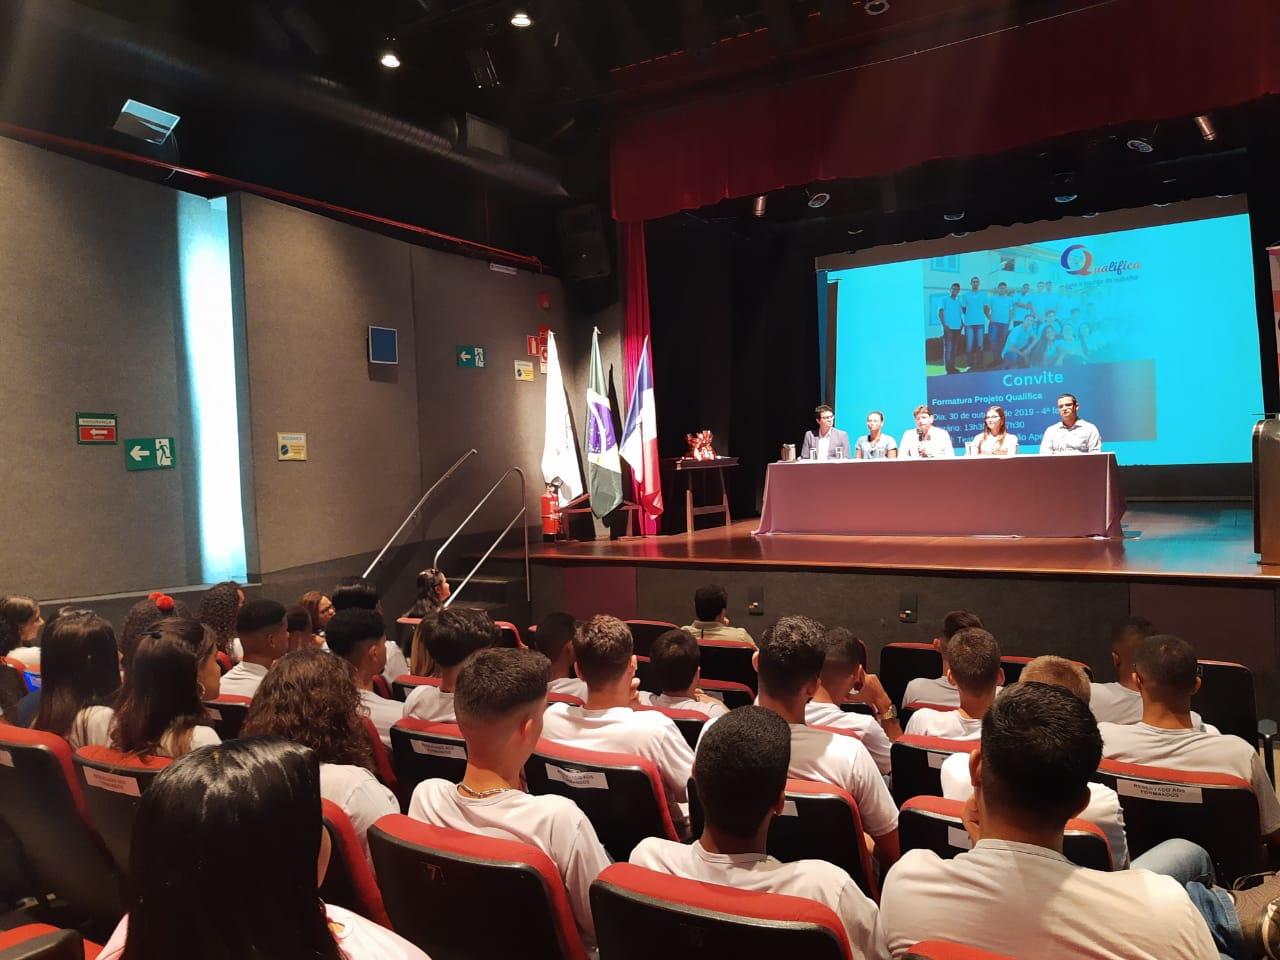 O projeto nasceu da convergência de interesses de instituições e parceiros alinhados à política de atendimento aos direitos da criança e do adolescente.